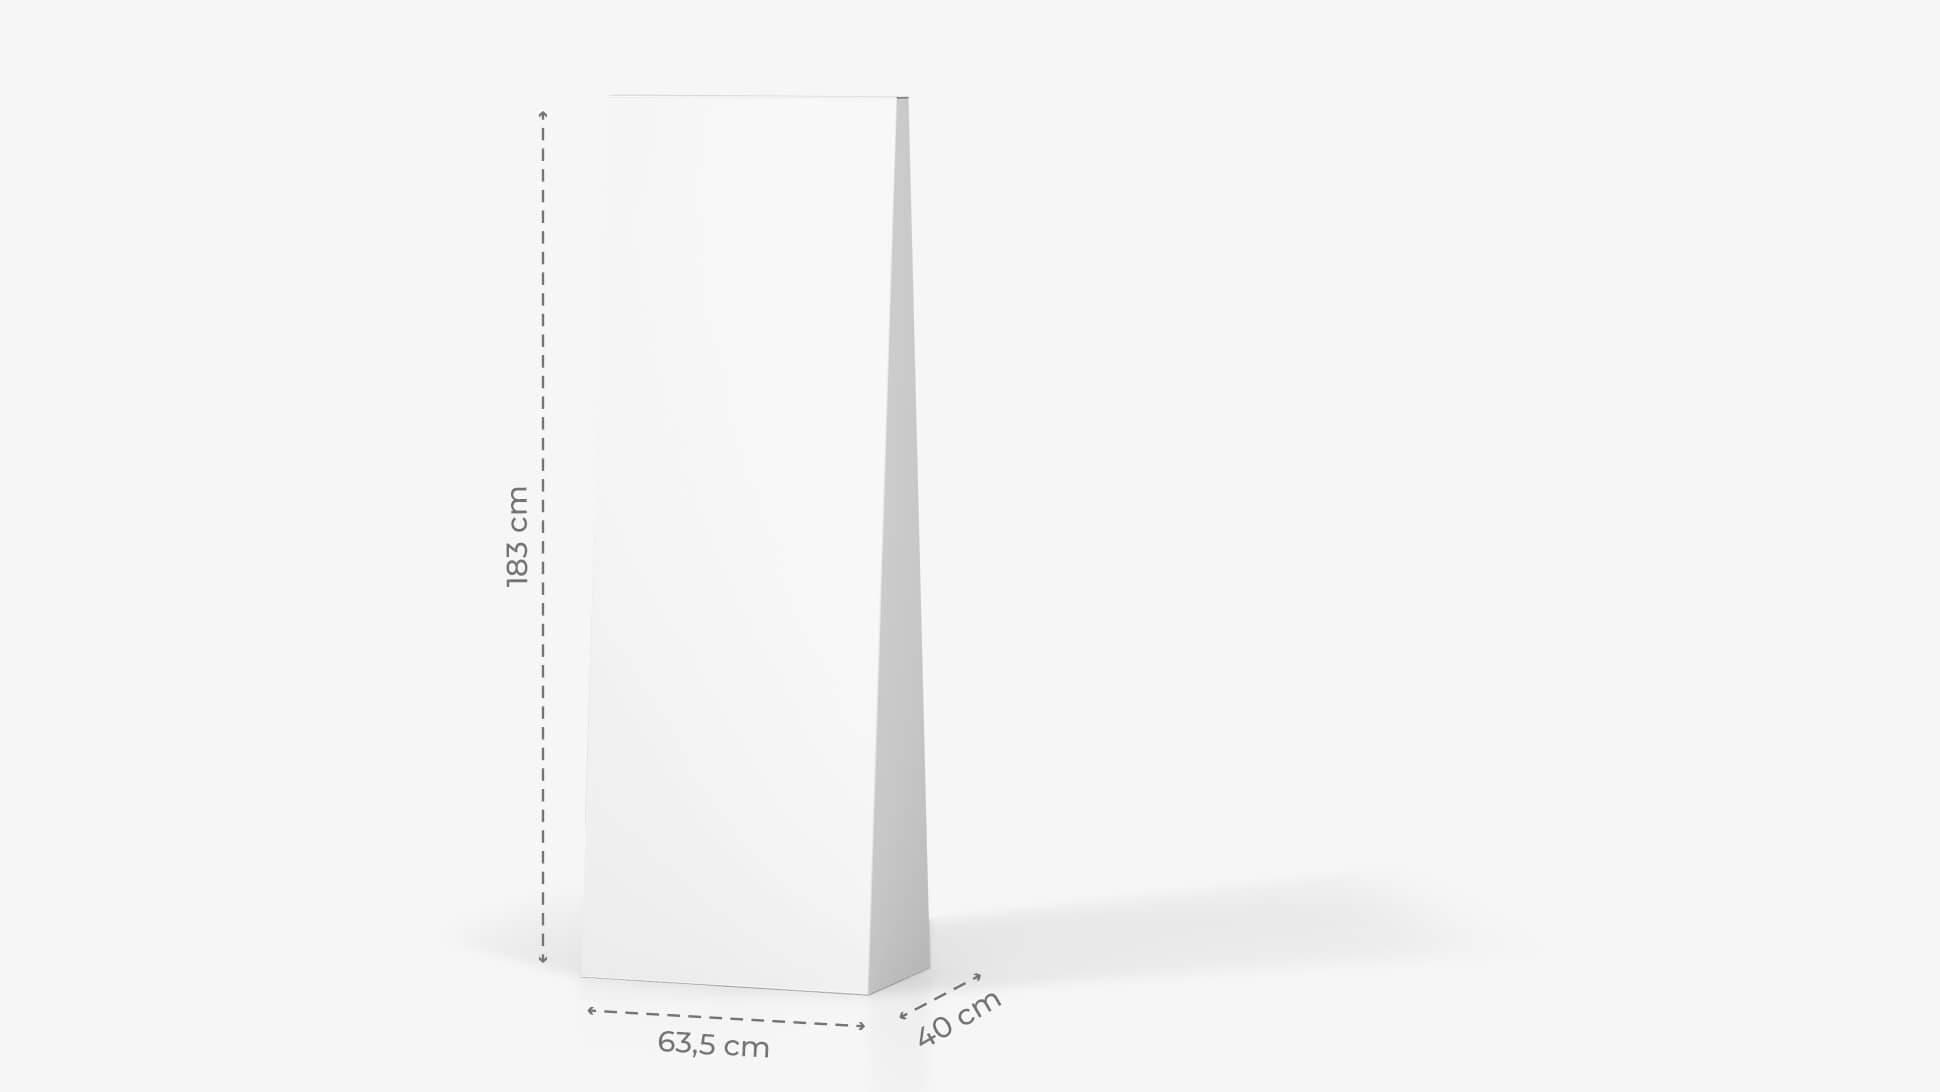 Espositore trapezio h183 cm personalizzabile  | tictac.it